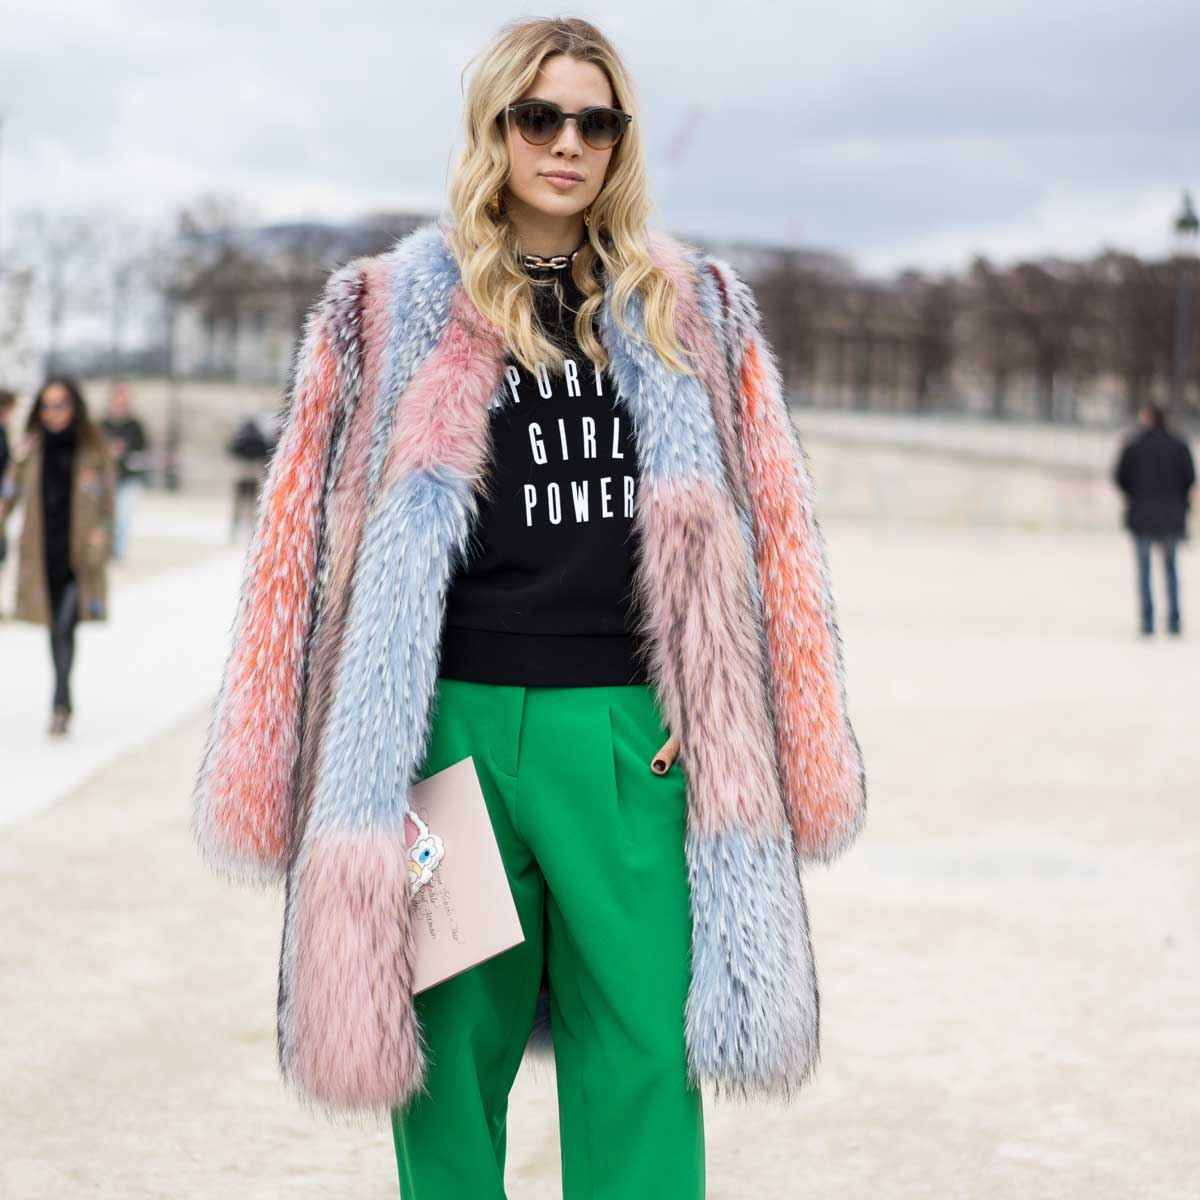 На противагу утилітарним пуховим курткам в моду увійшло хутро  сюрреалістичних кольорів та форм. 71c46f2a94e8c